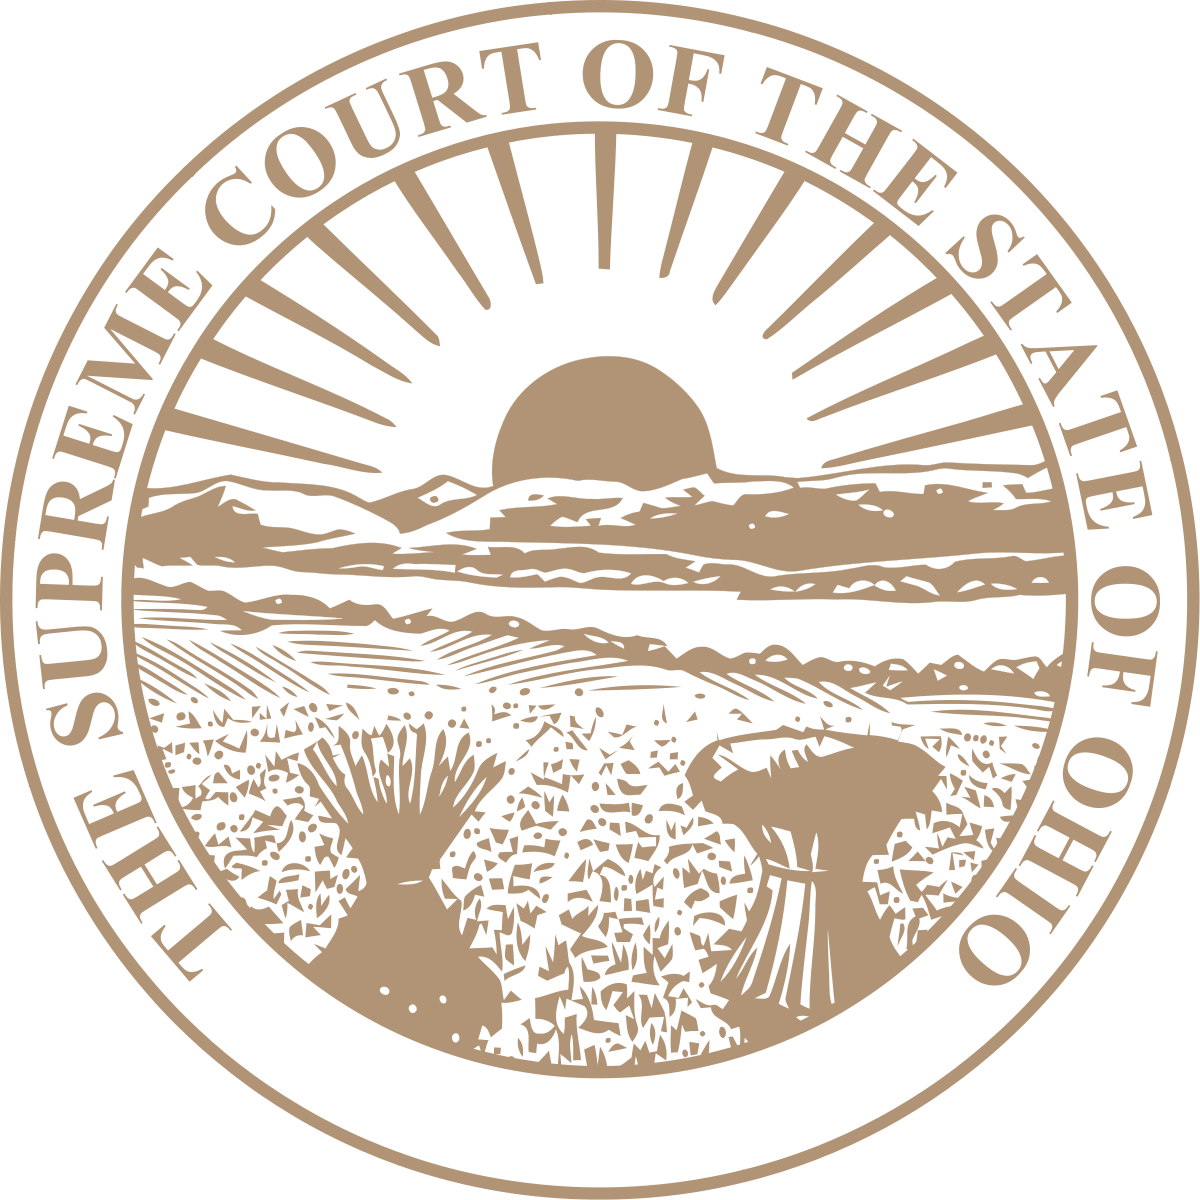 Justice clipart court decision, Justice court decision.